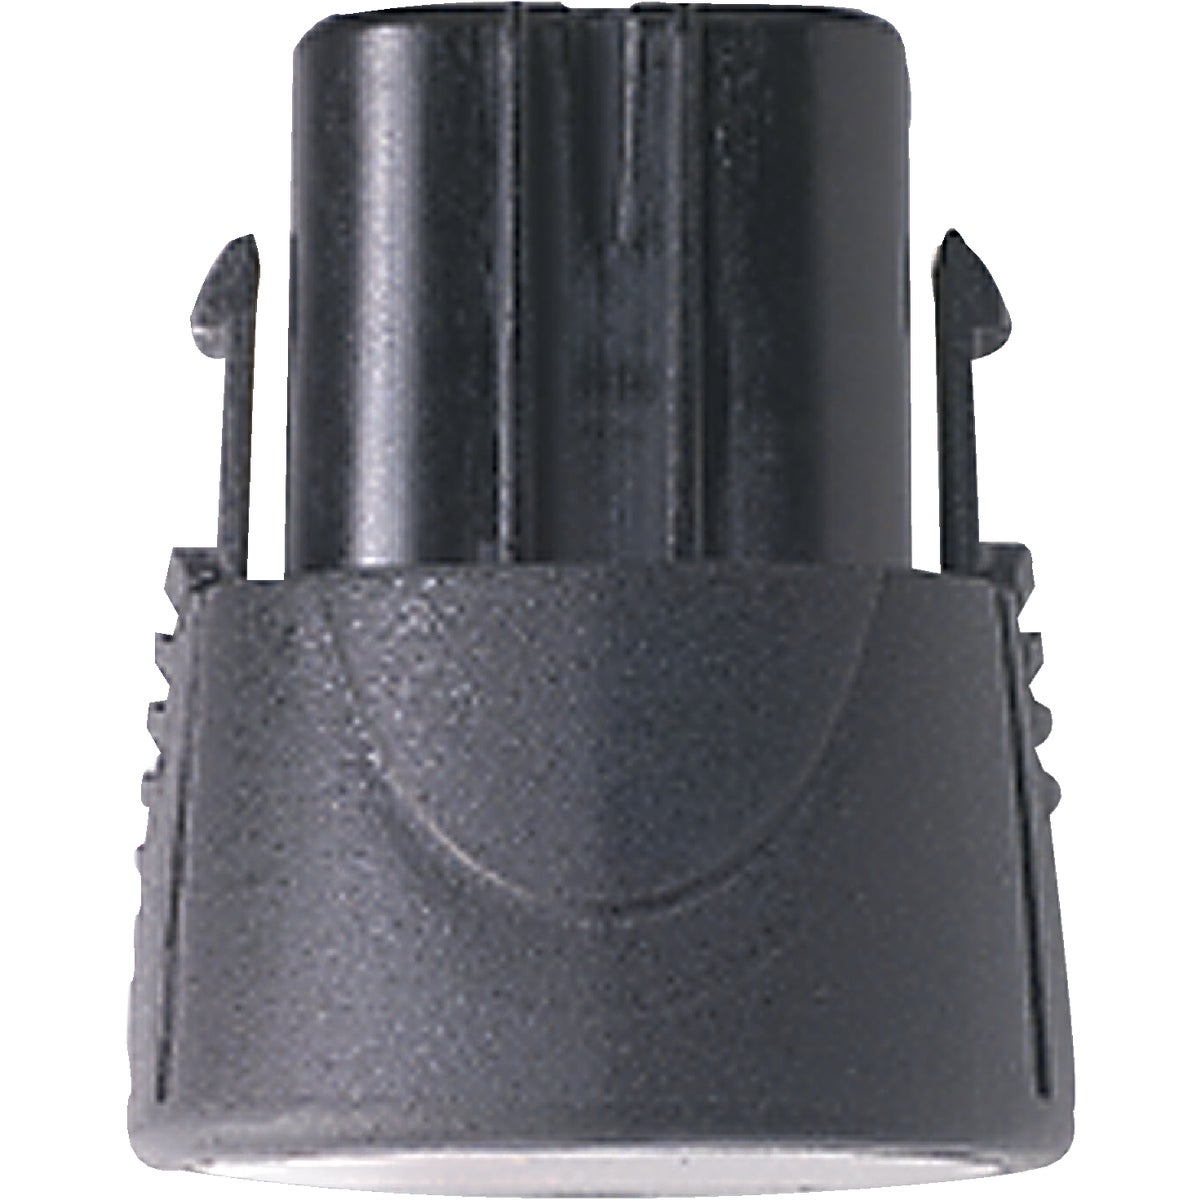 4.8V BATTERY - 755-01 by Dremel Mfg Co